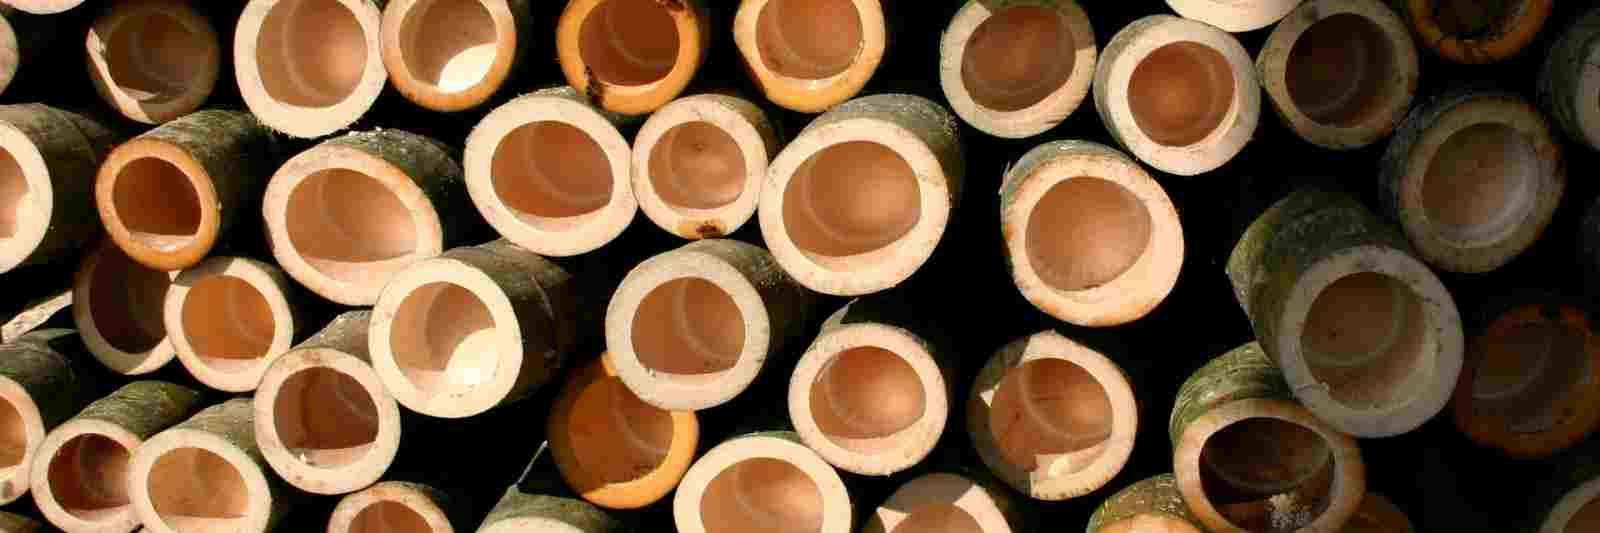 Pourquoi le bambou Moso est-il si durable ?